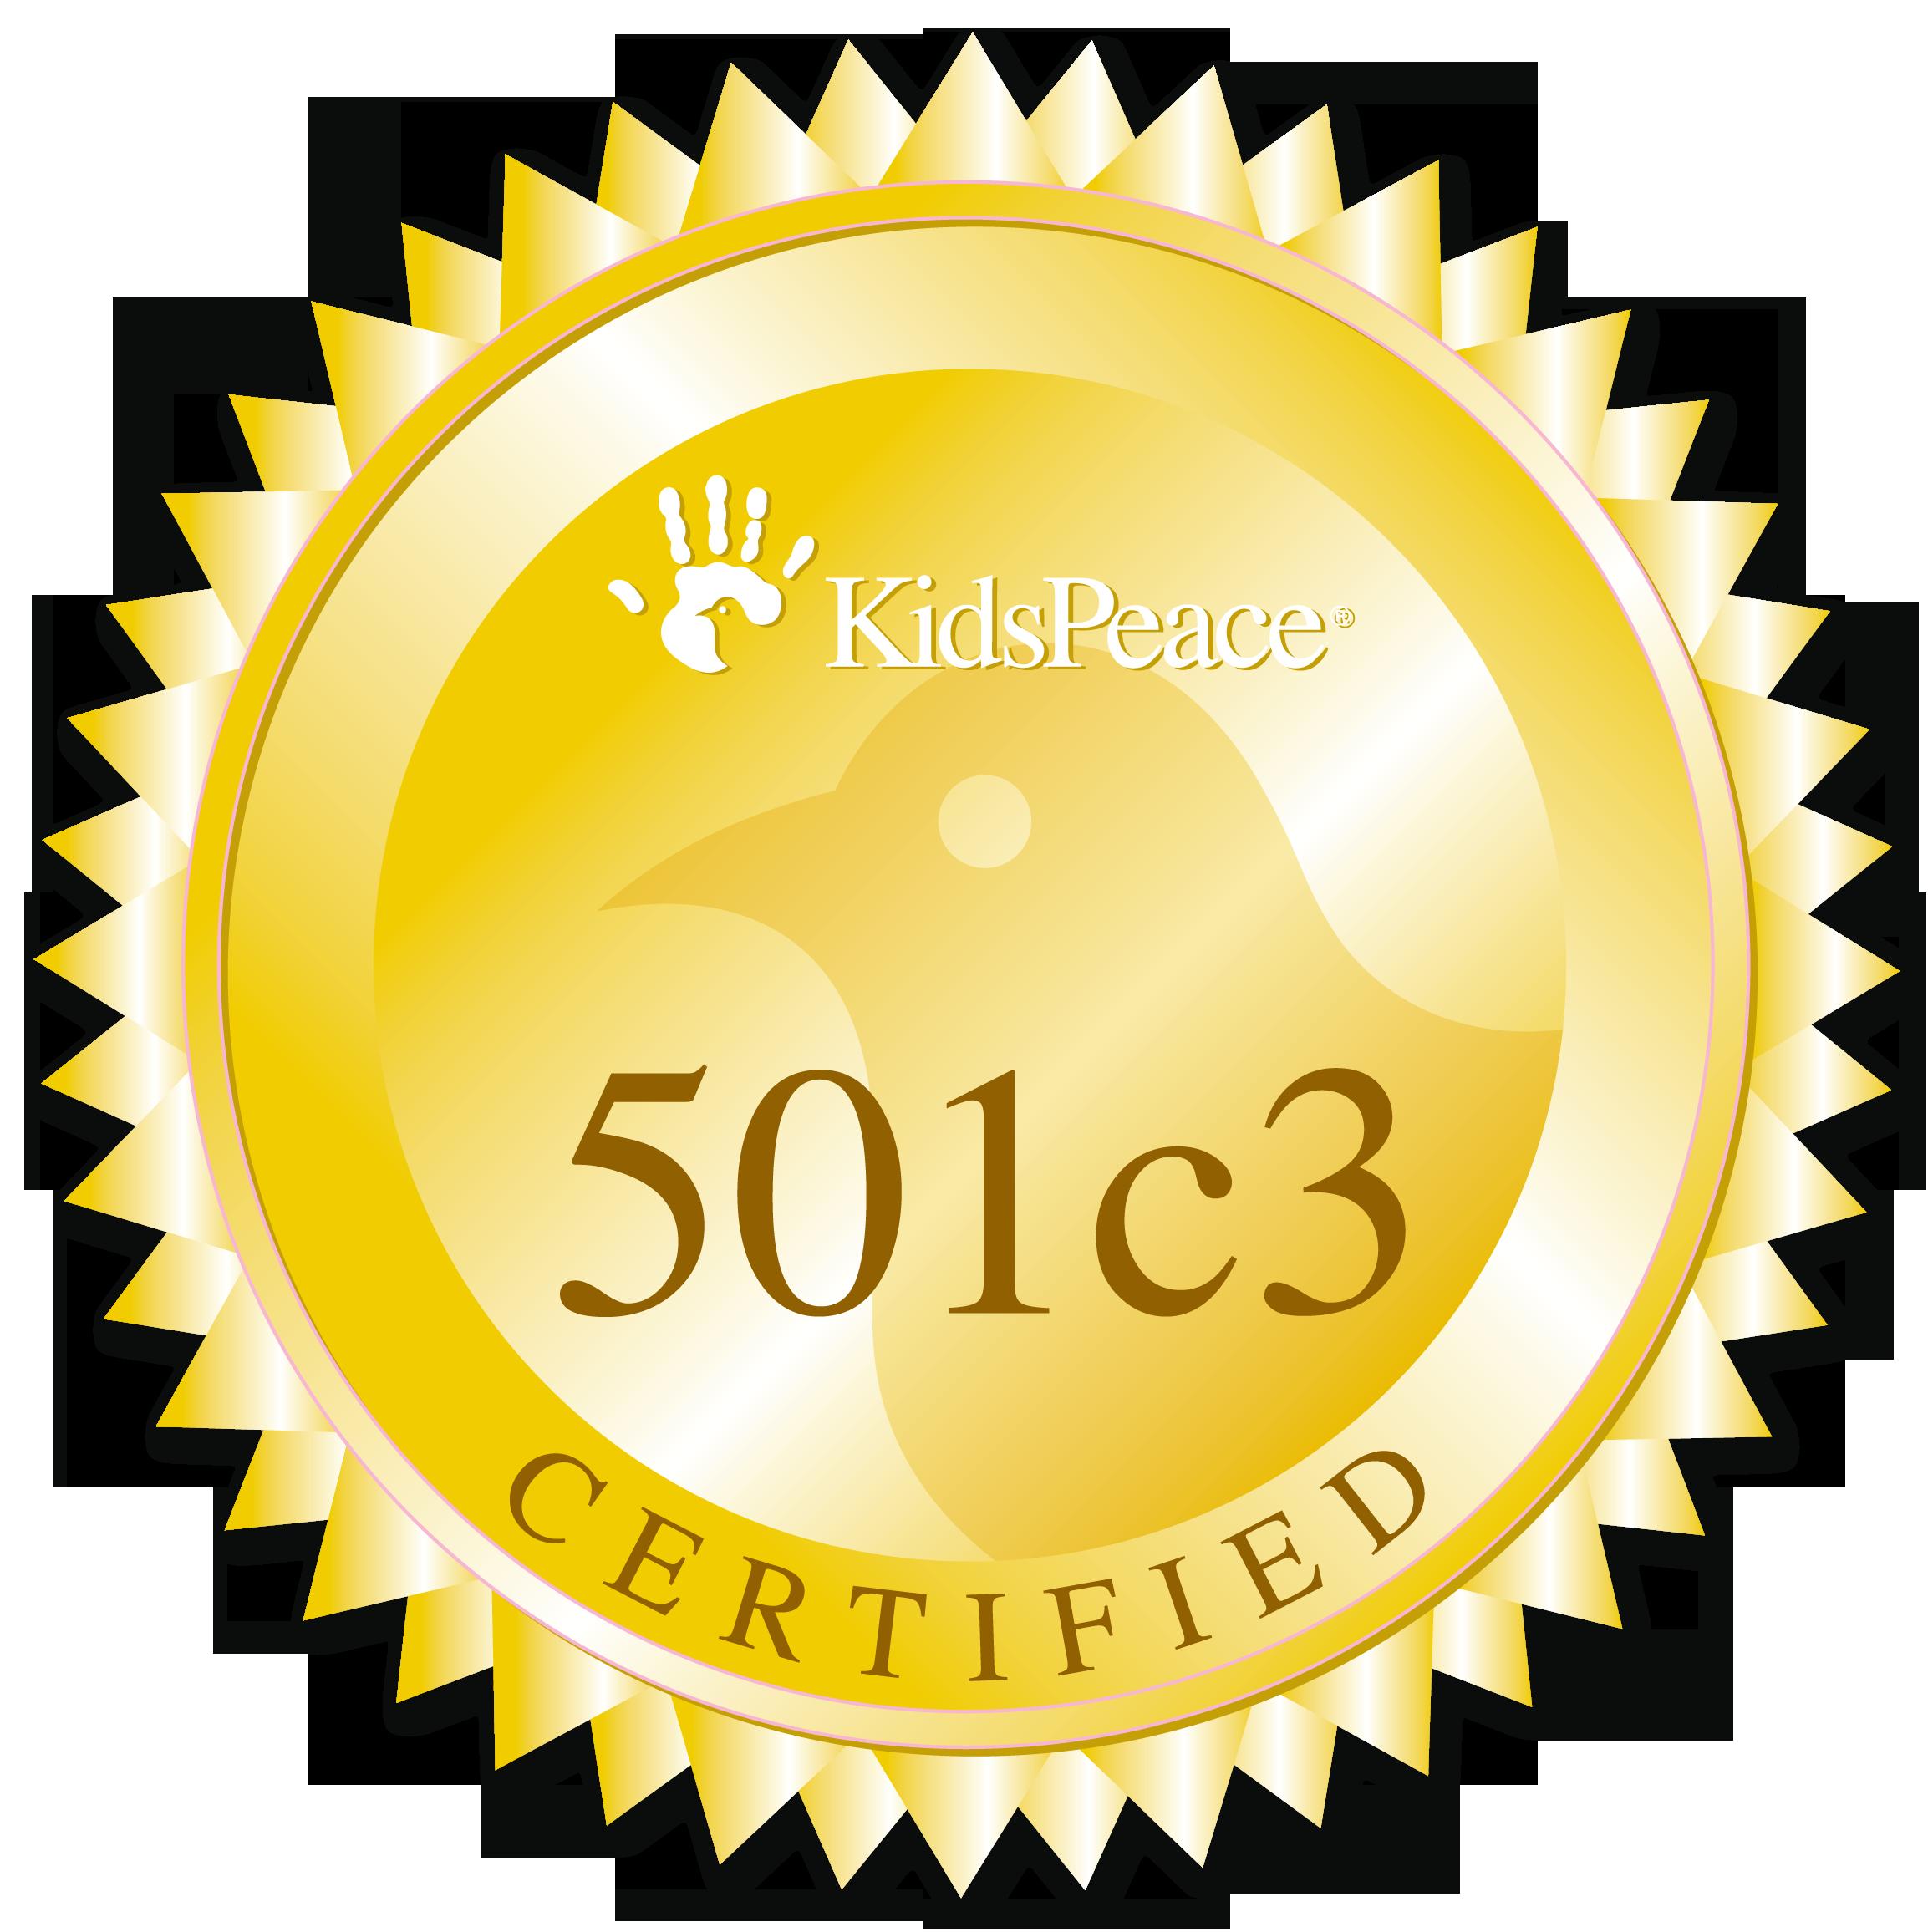 KP501c3seal